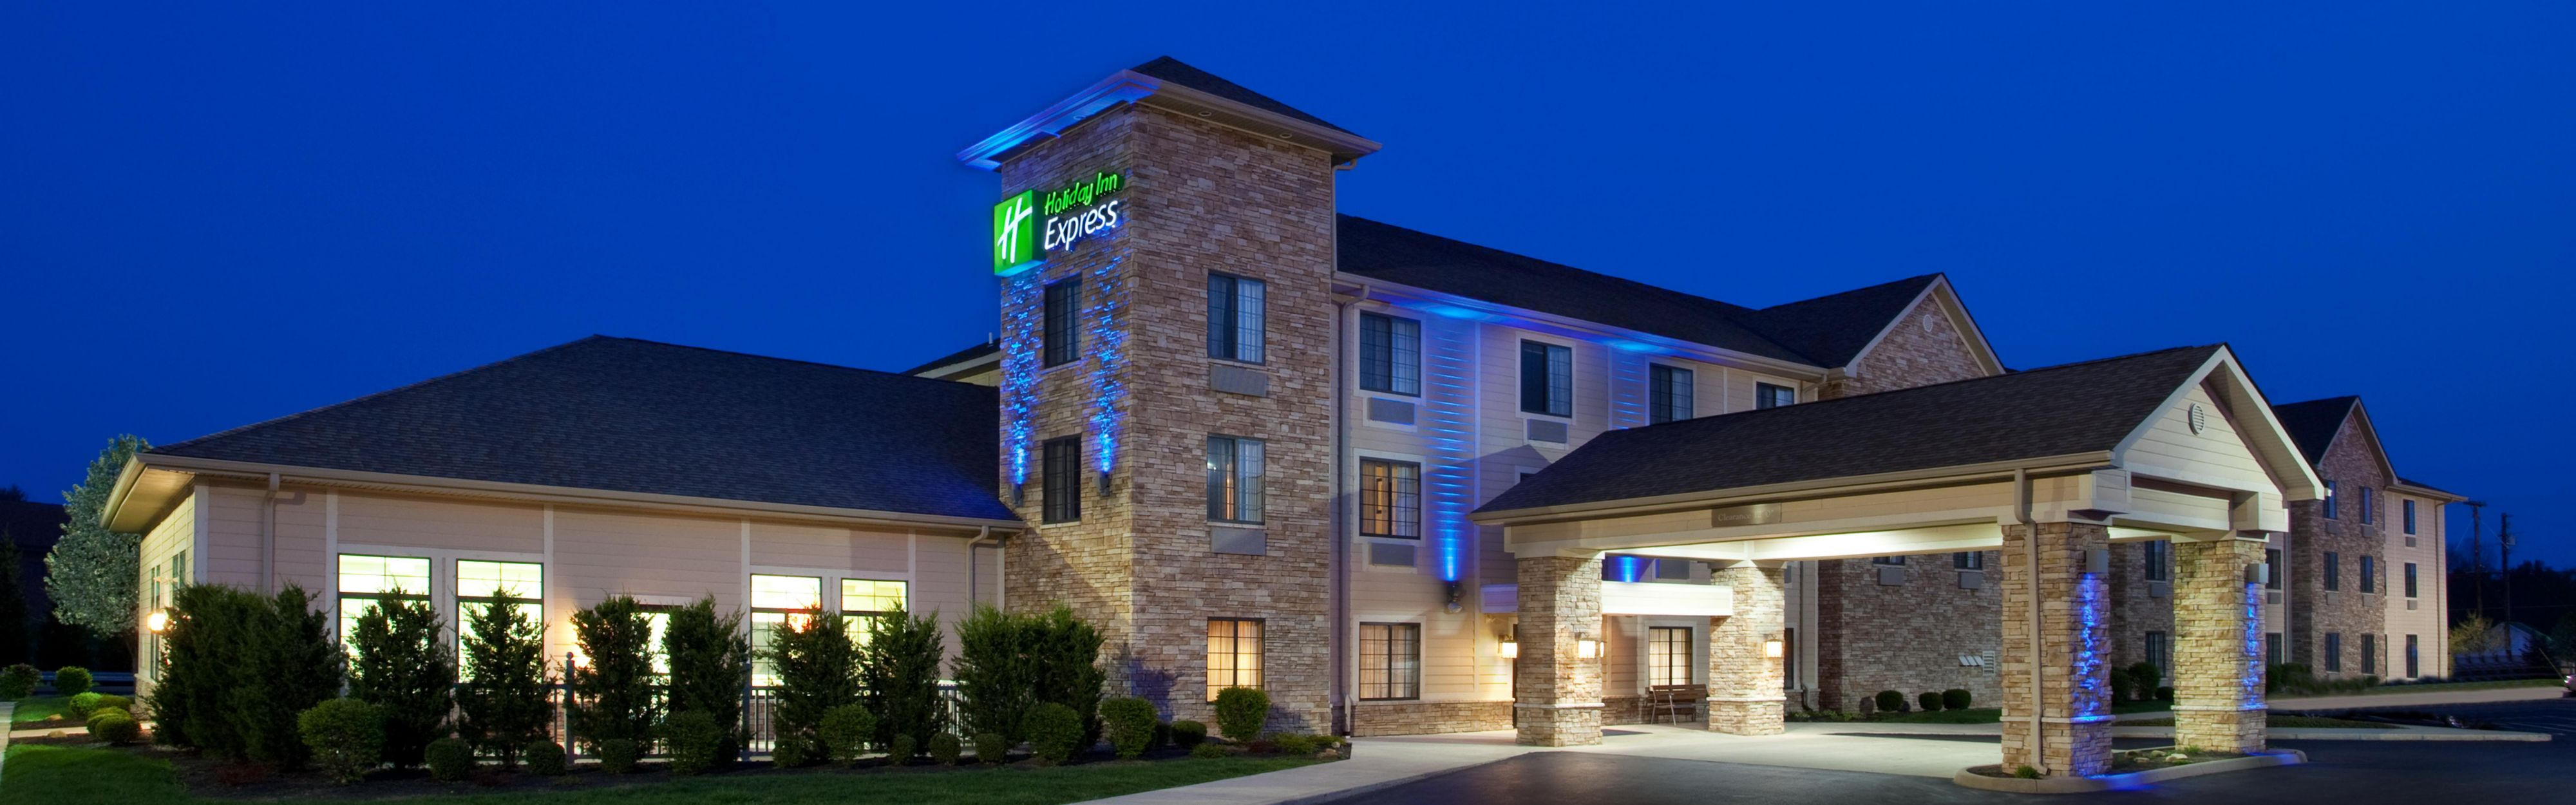 Logan Ohio Hotels Motels